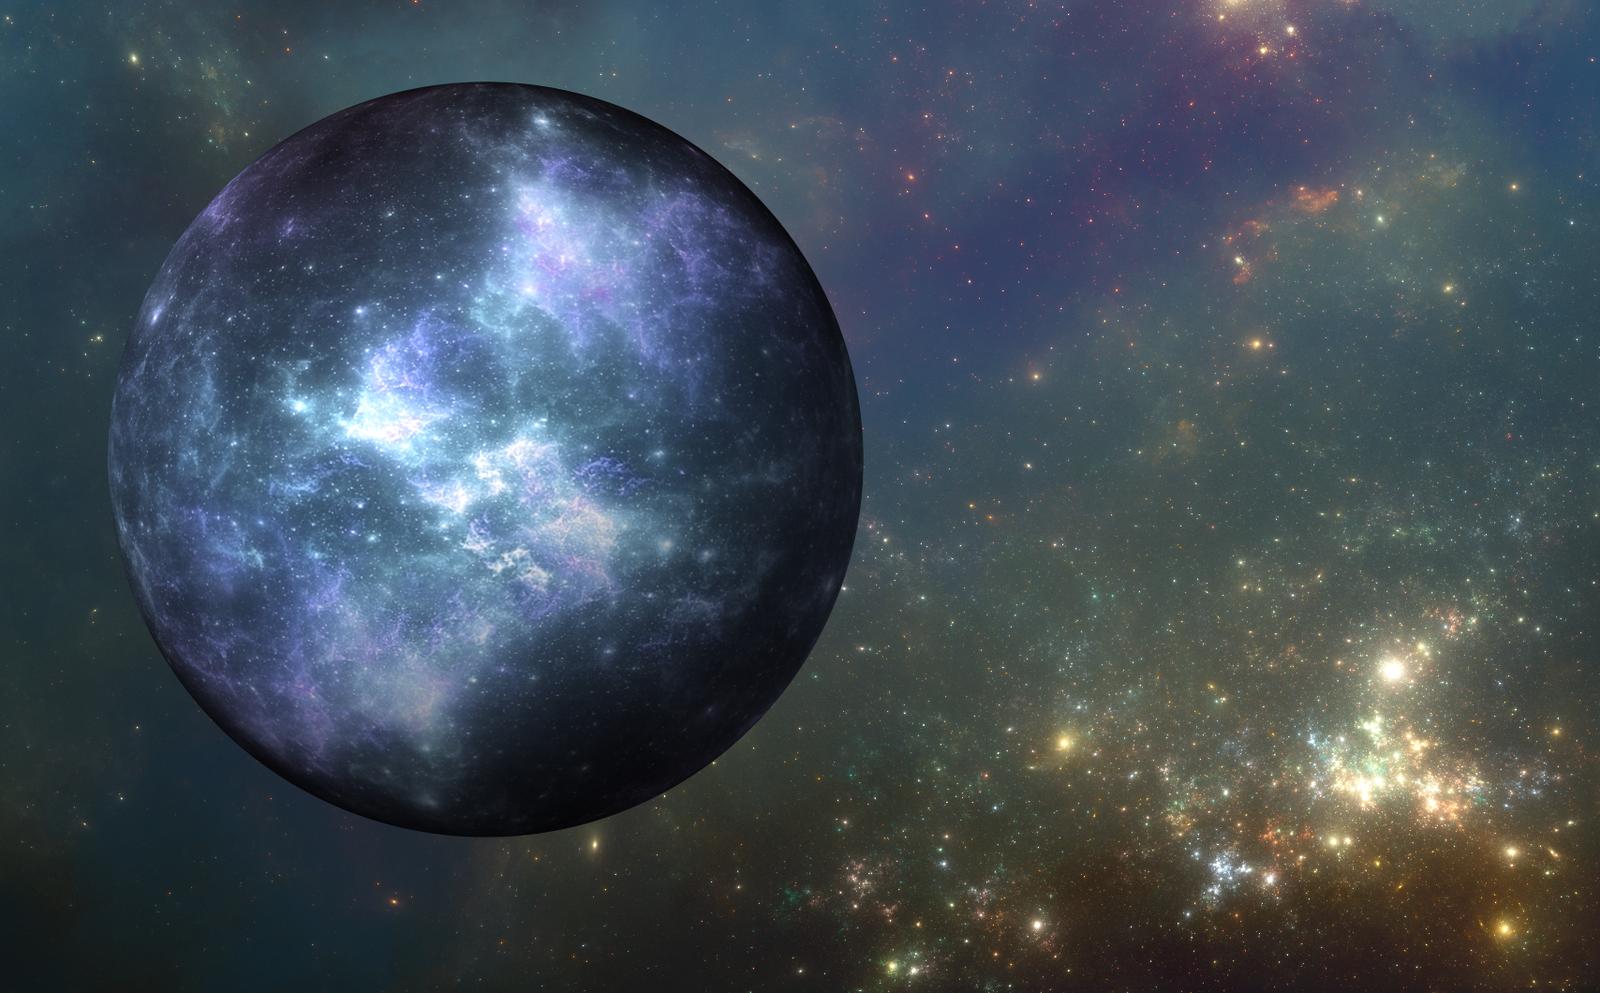 El Planeta Nebulosa by Jakeukalane